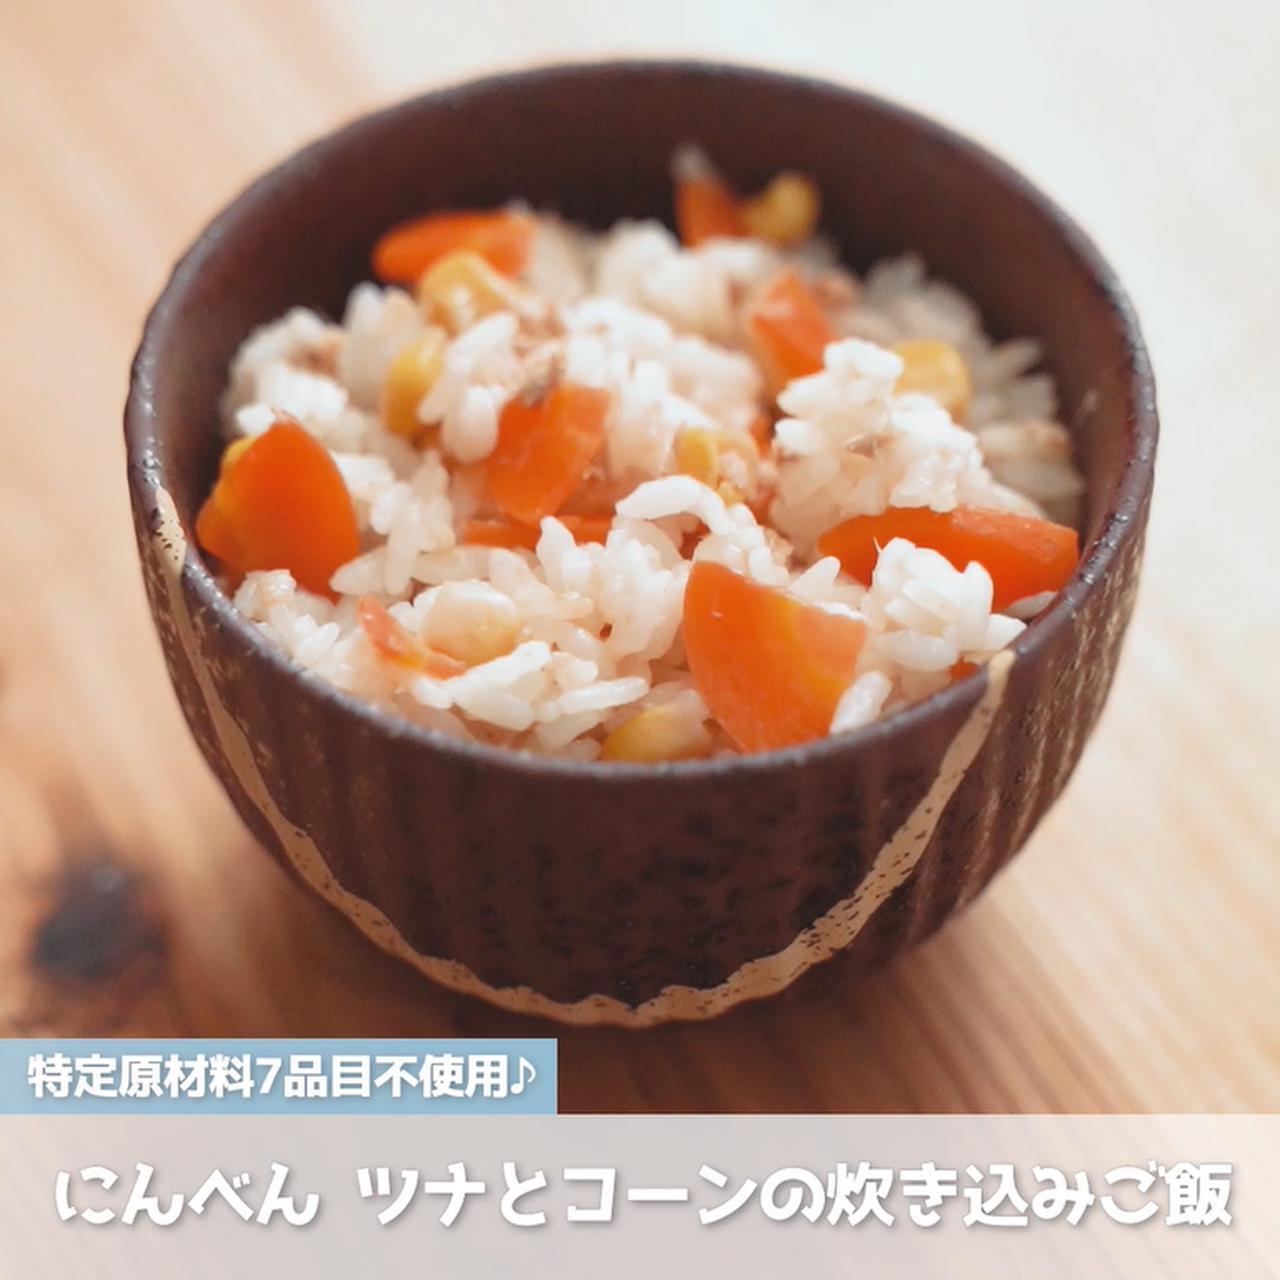 画像: 四穀白だしで作る、彩り豊かな、にんべんさんのツナとコーンの炊き込みご飯 - 君とごはん